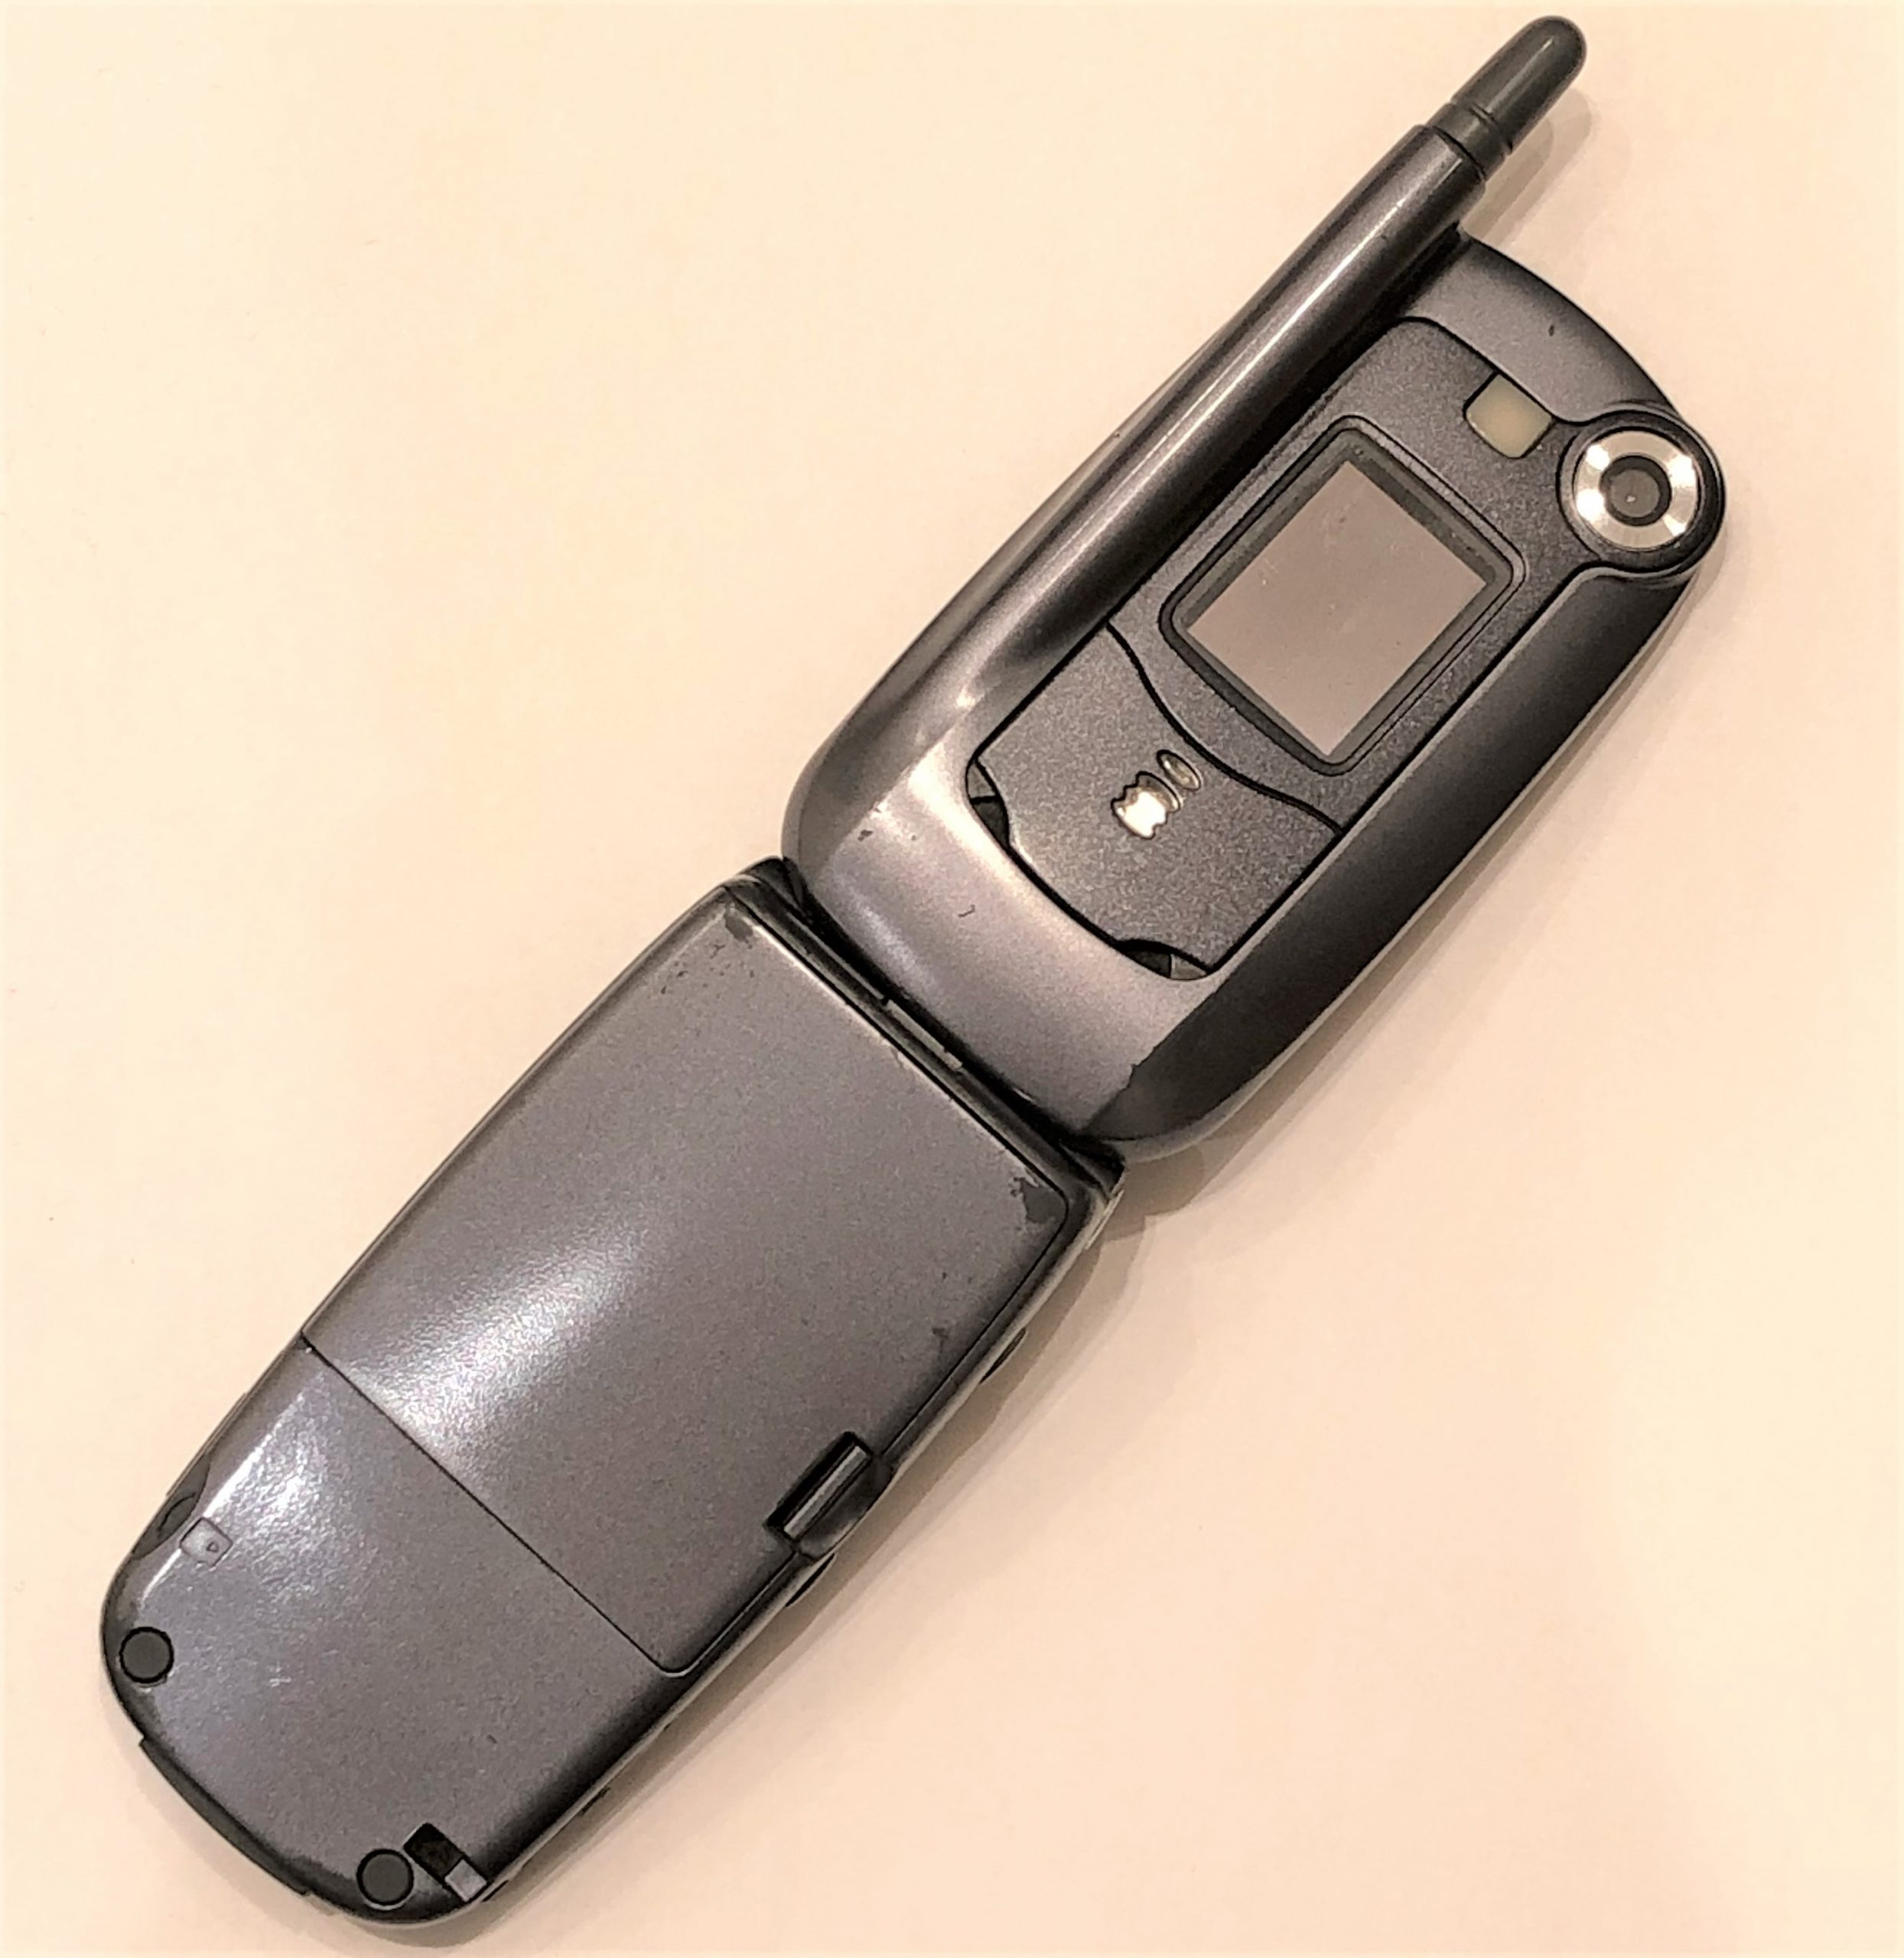 ガラケー/携帯電話